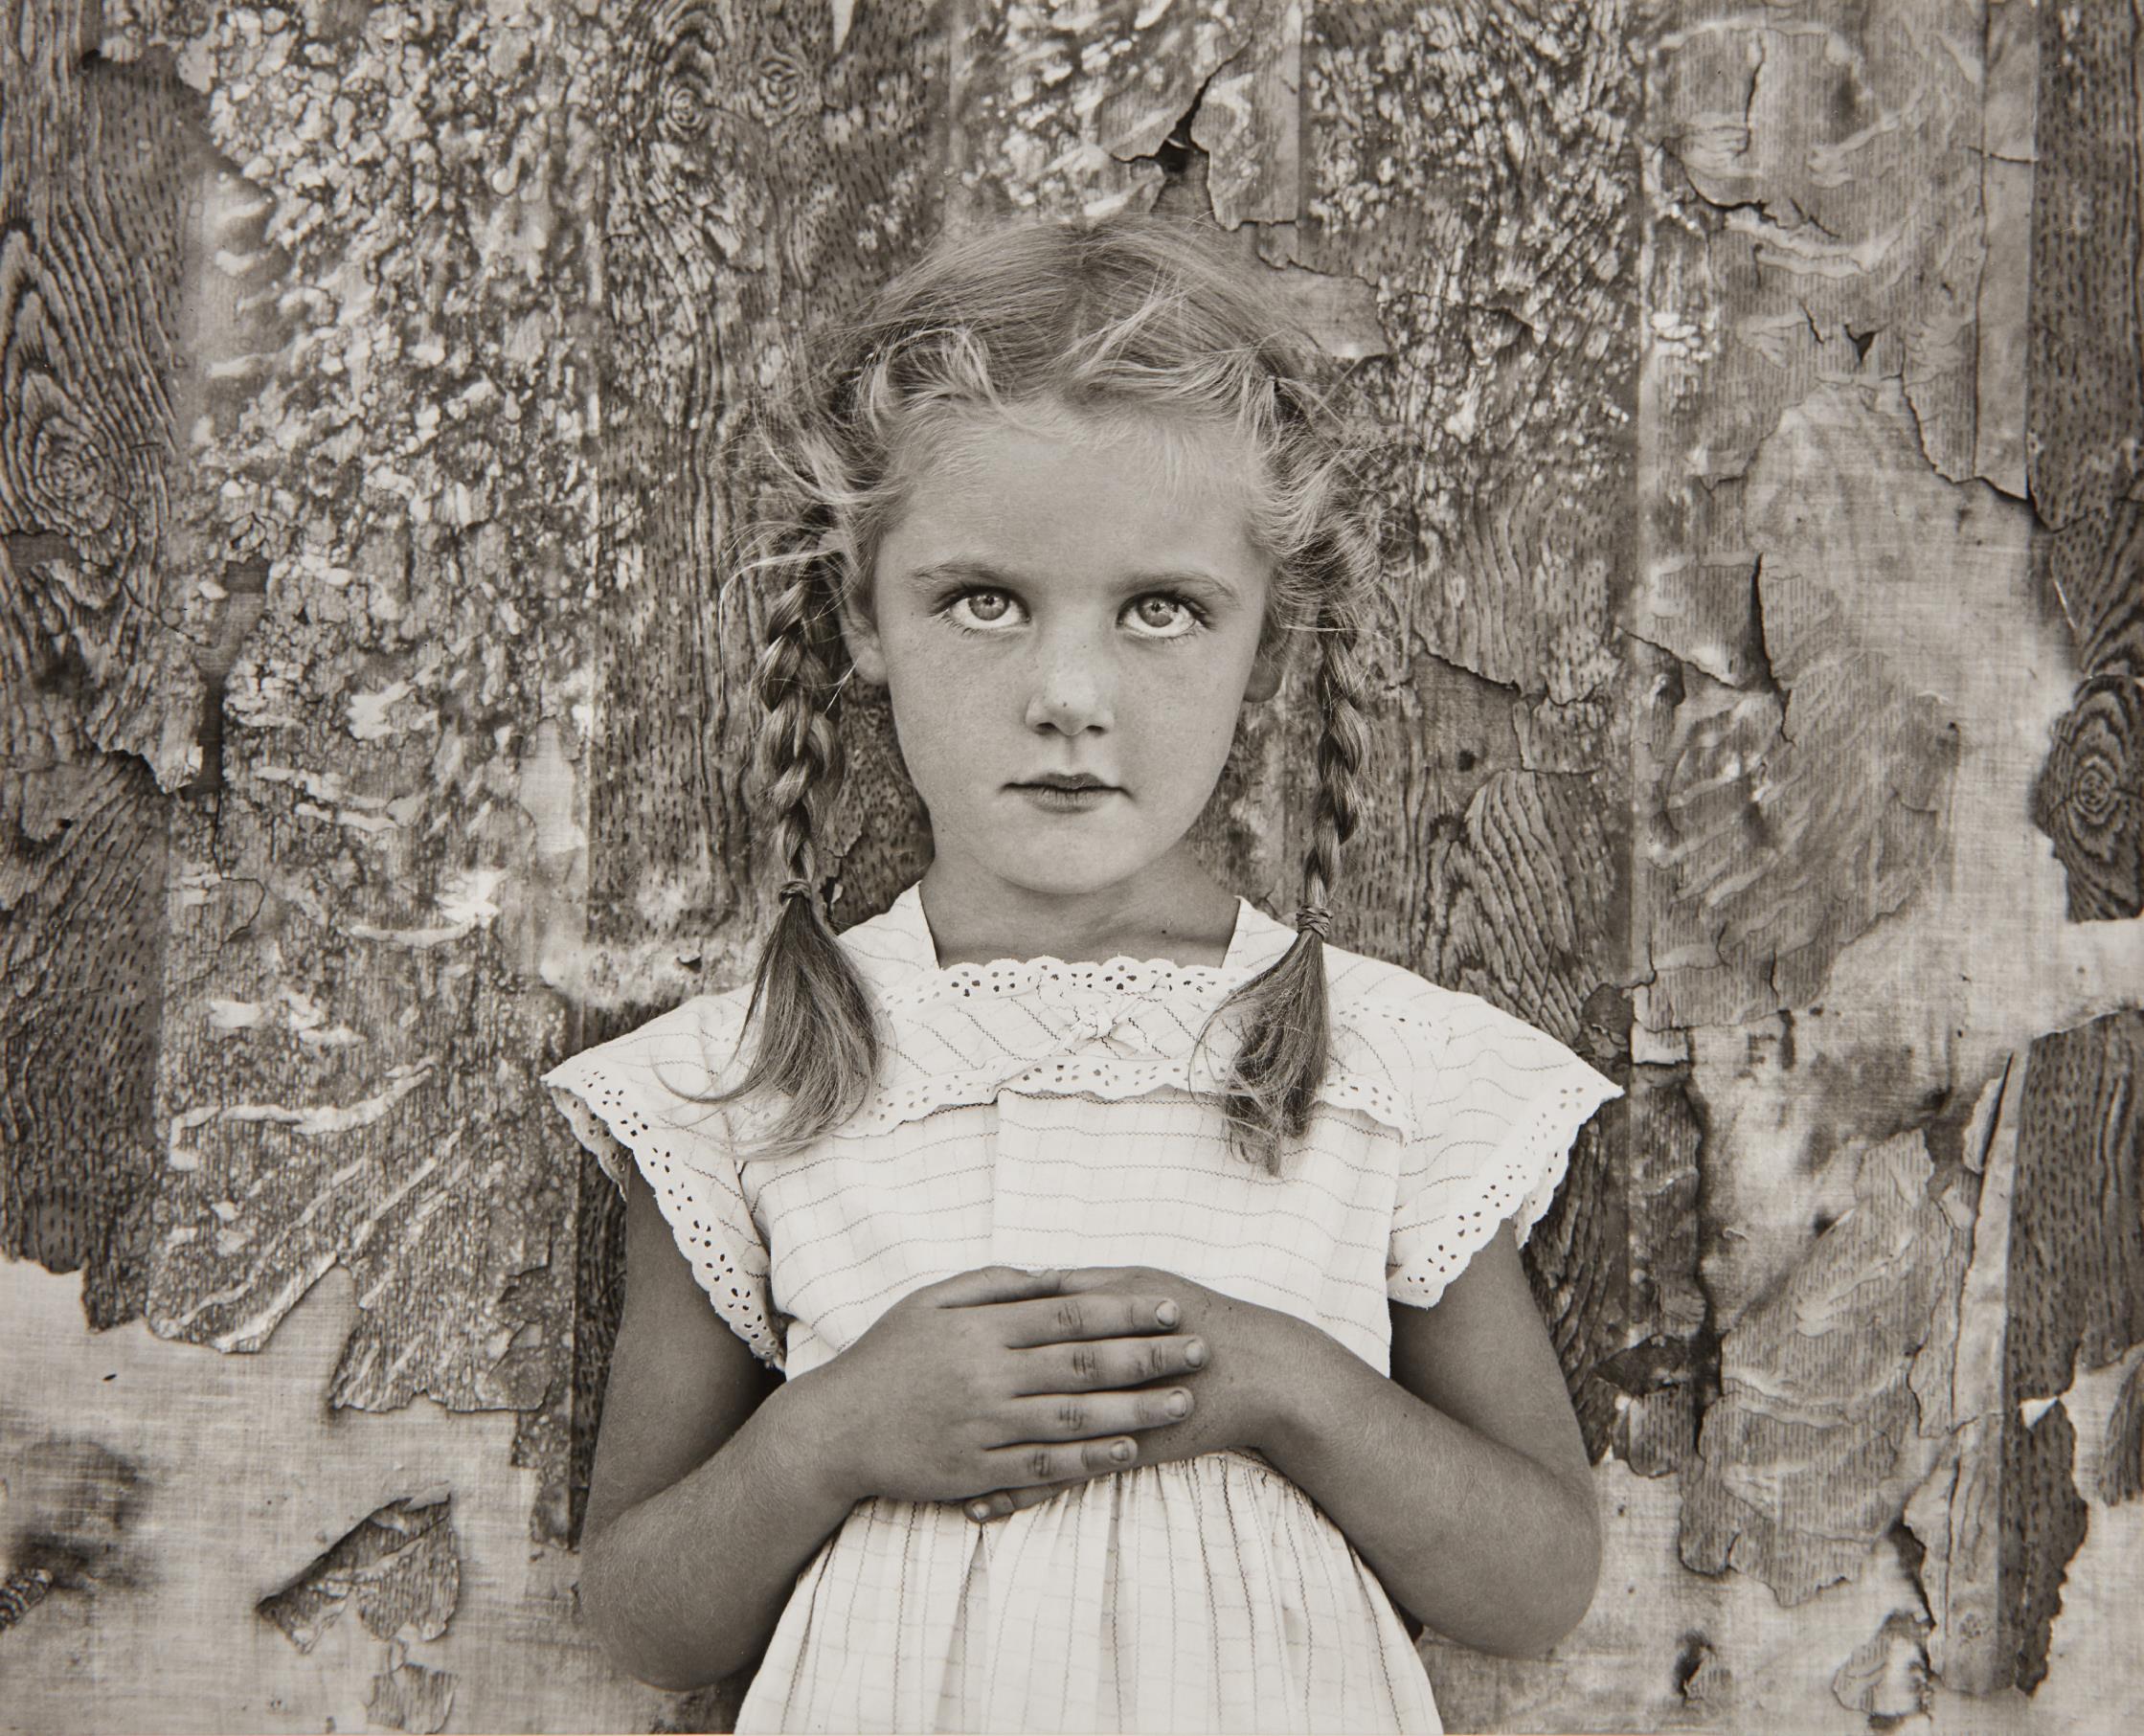 Frederick Sommer-Livia-1948